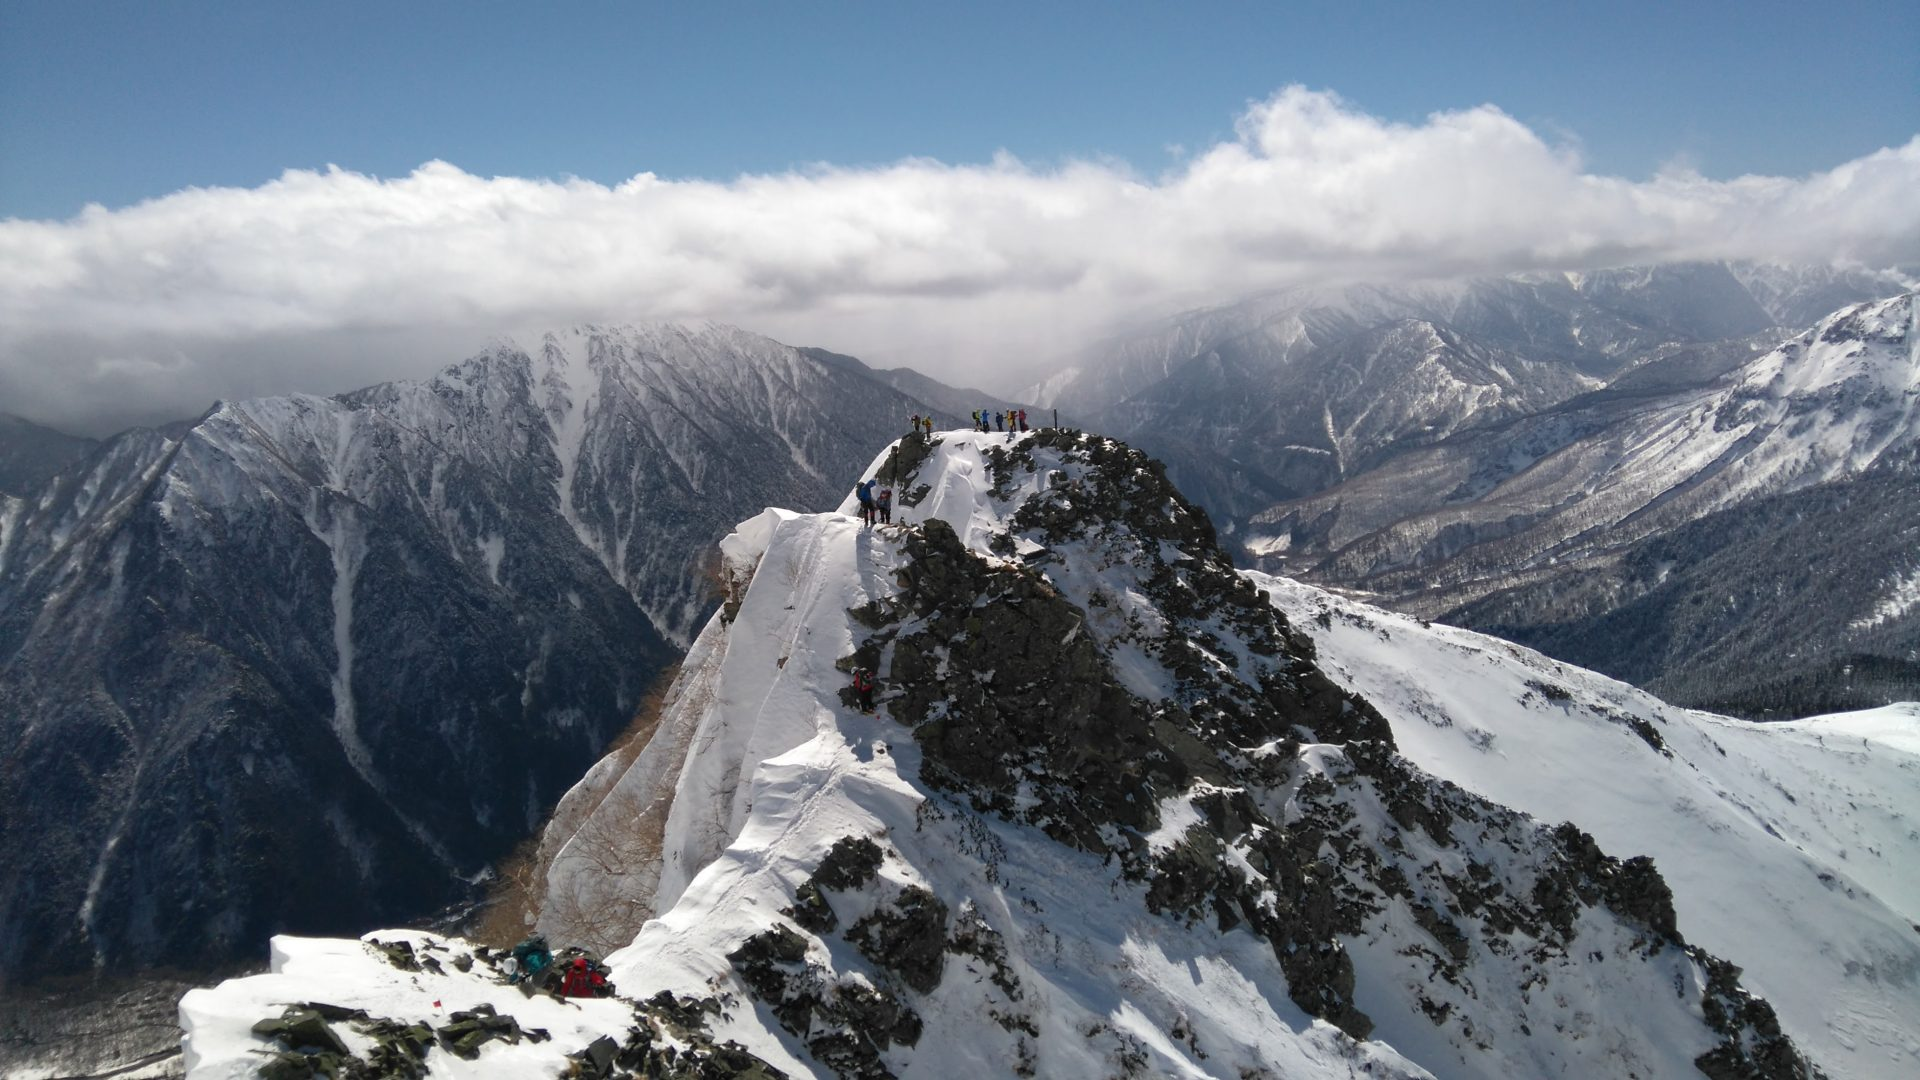 雪の西穂高岳をピラミッドピークから撮った写真